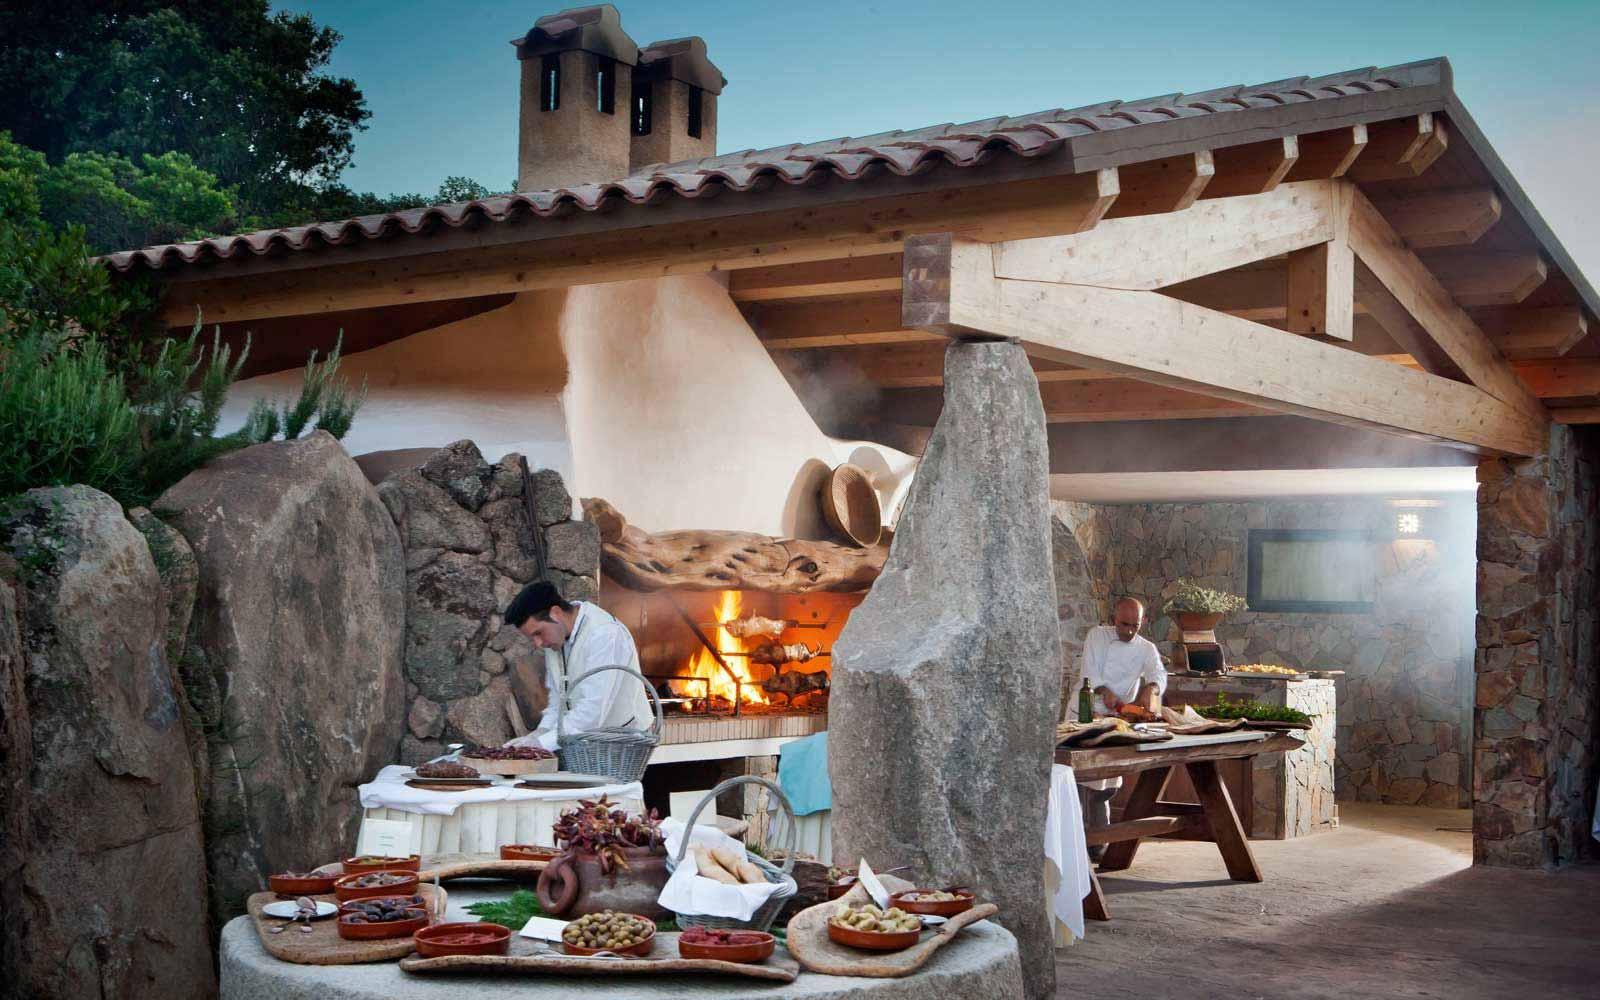 Li Ciusoni at Hotel Valle Dell'Erica - La Licciola